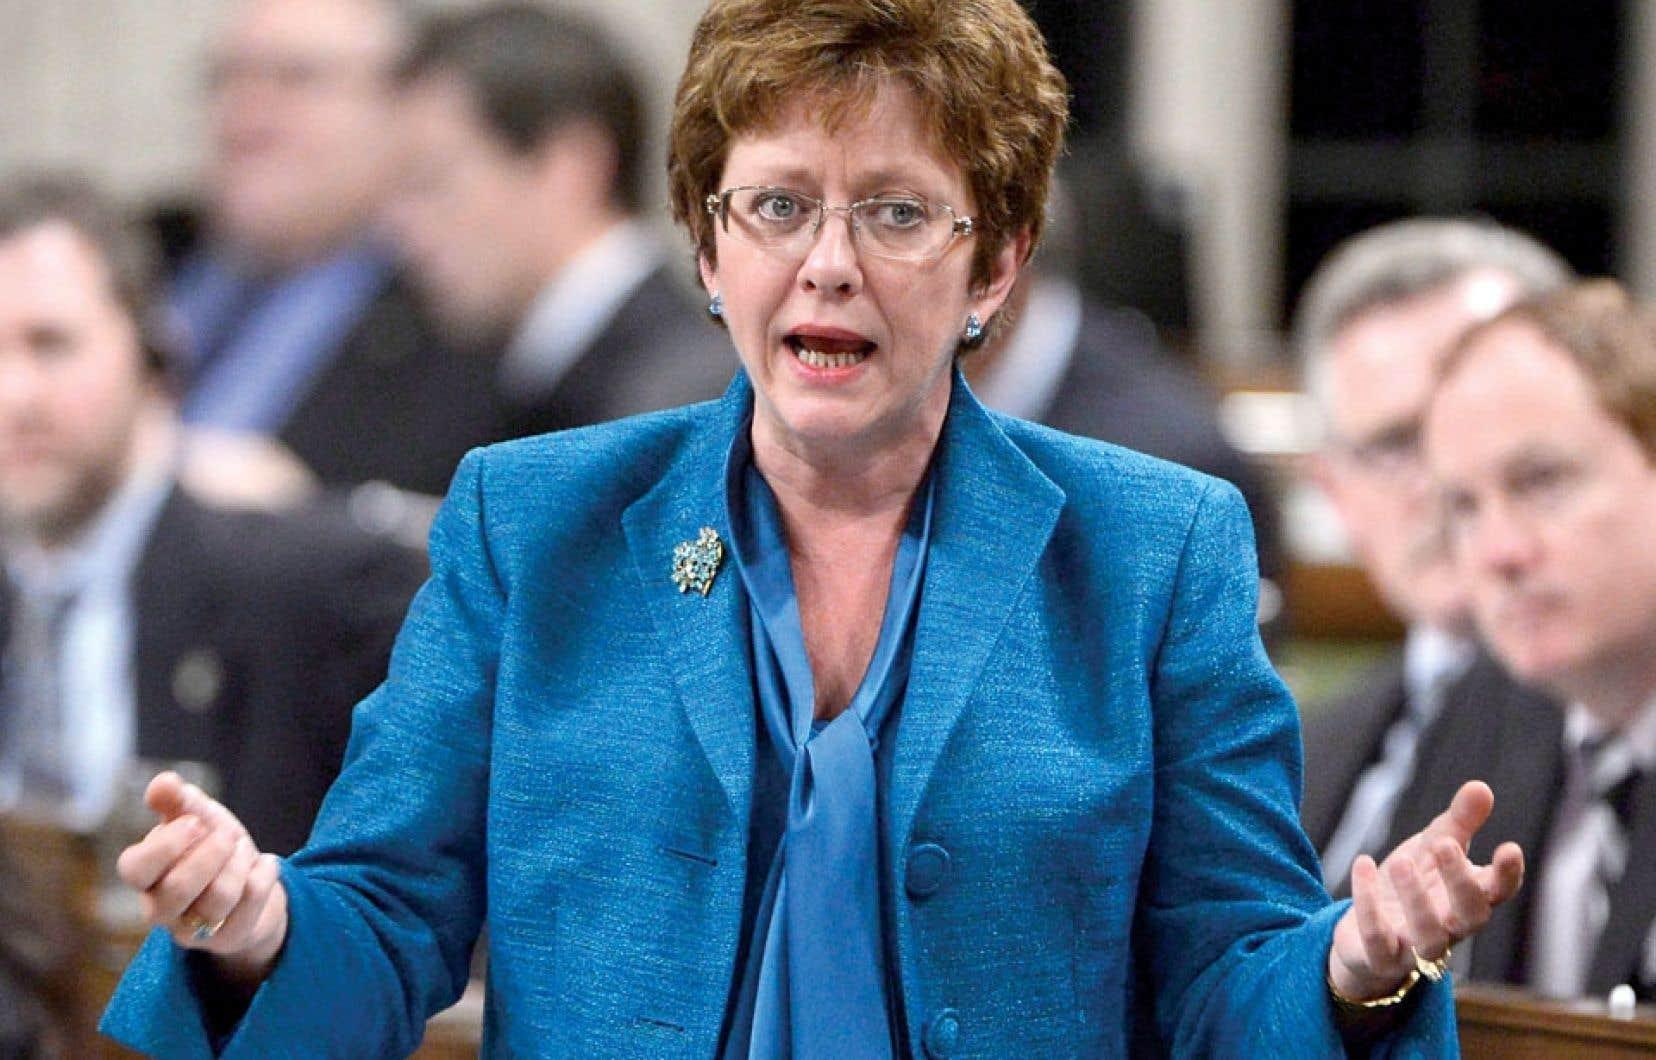 La ministre Diane Finley a été forcée de se lever pour répondre au feu roulant de critiques.